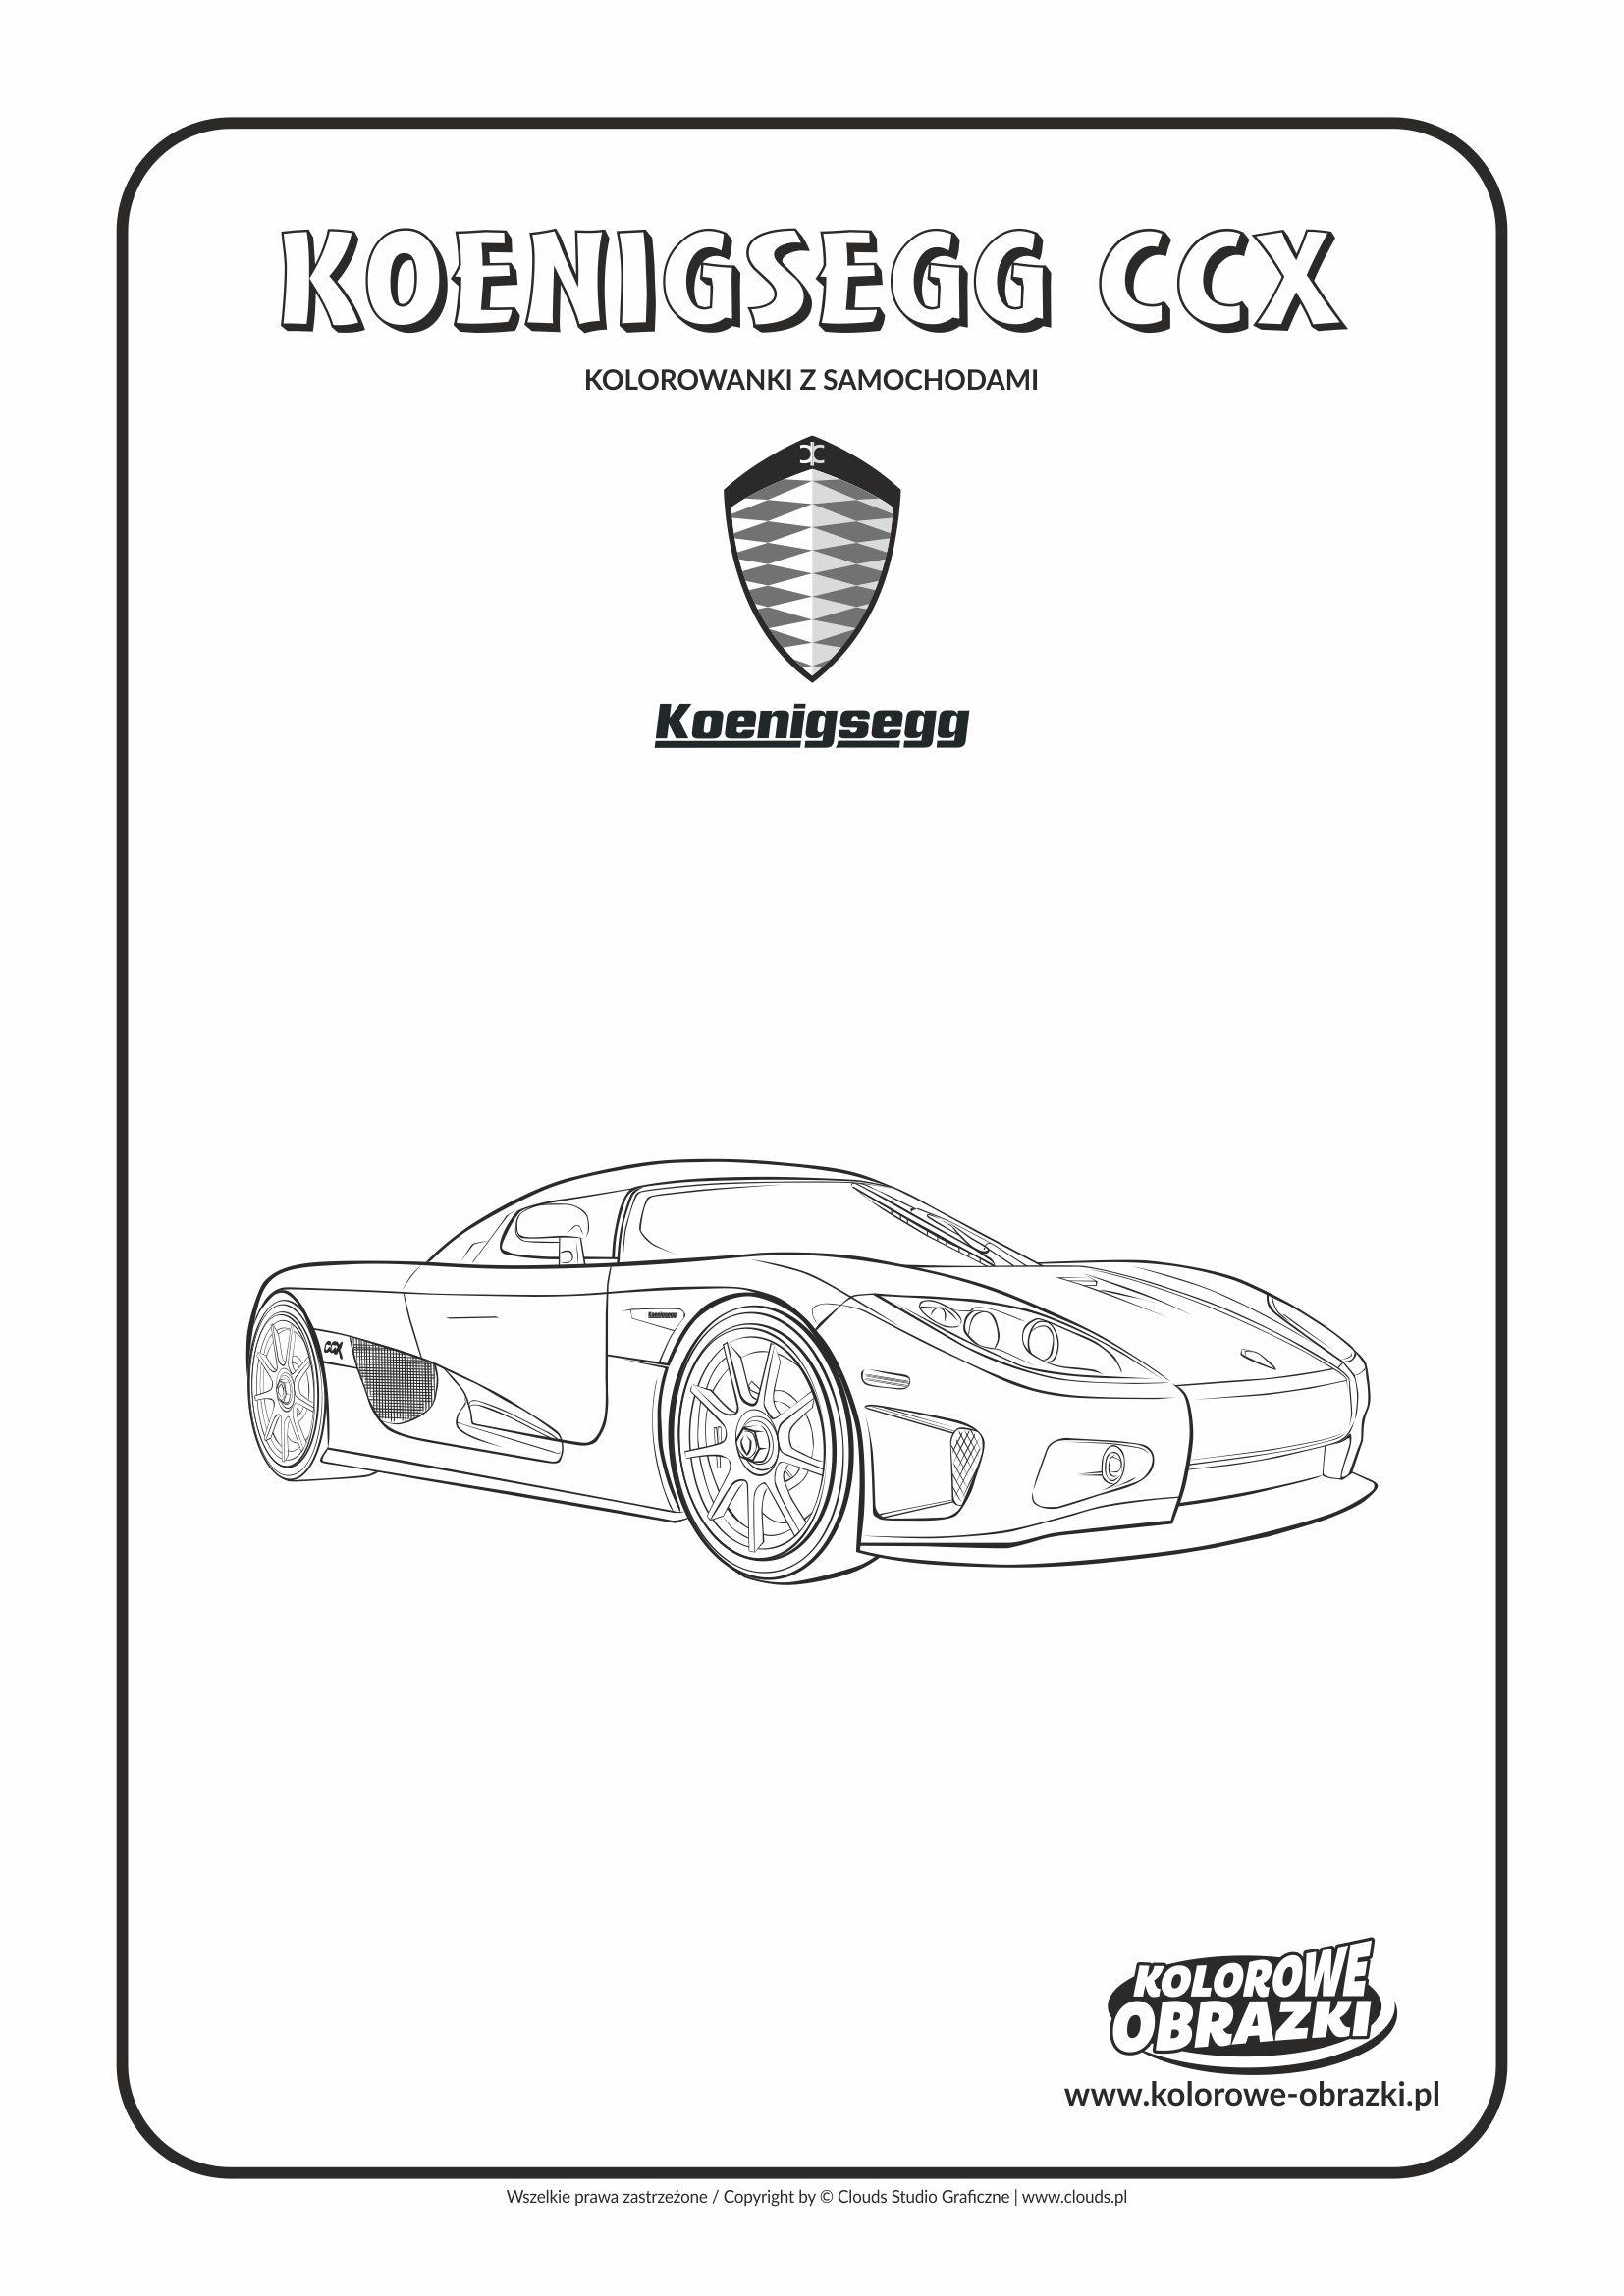 Kolorowanki dla dzieci - Pojazdy / Koenigsegg CCX. Kolorowanka z Koenigsegg CCX